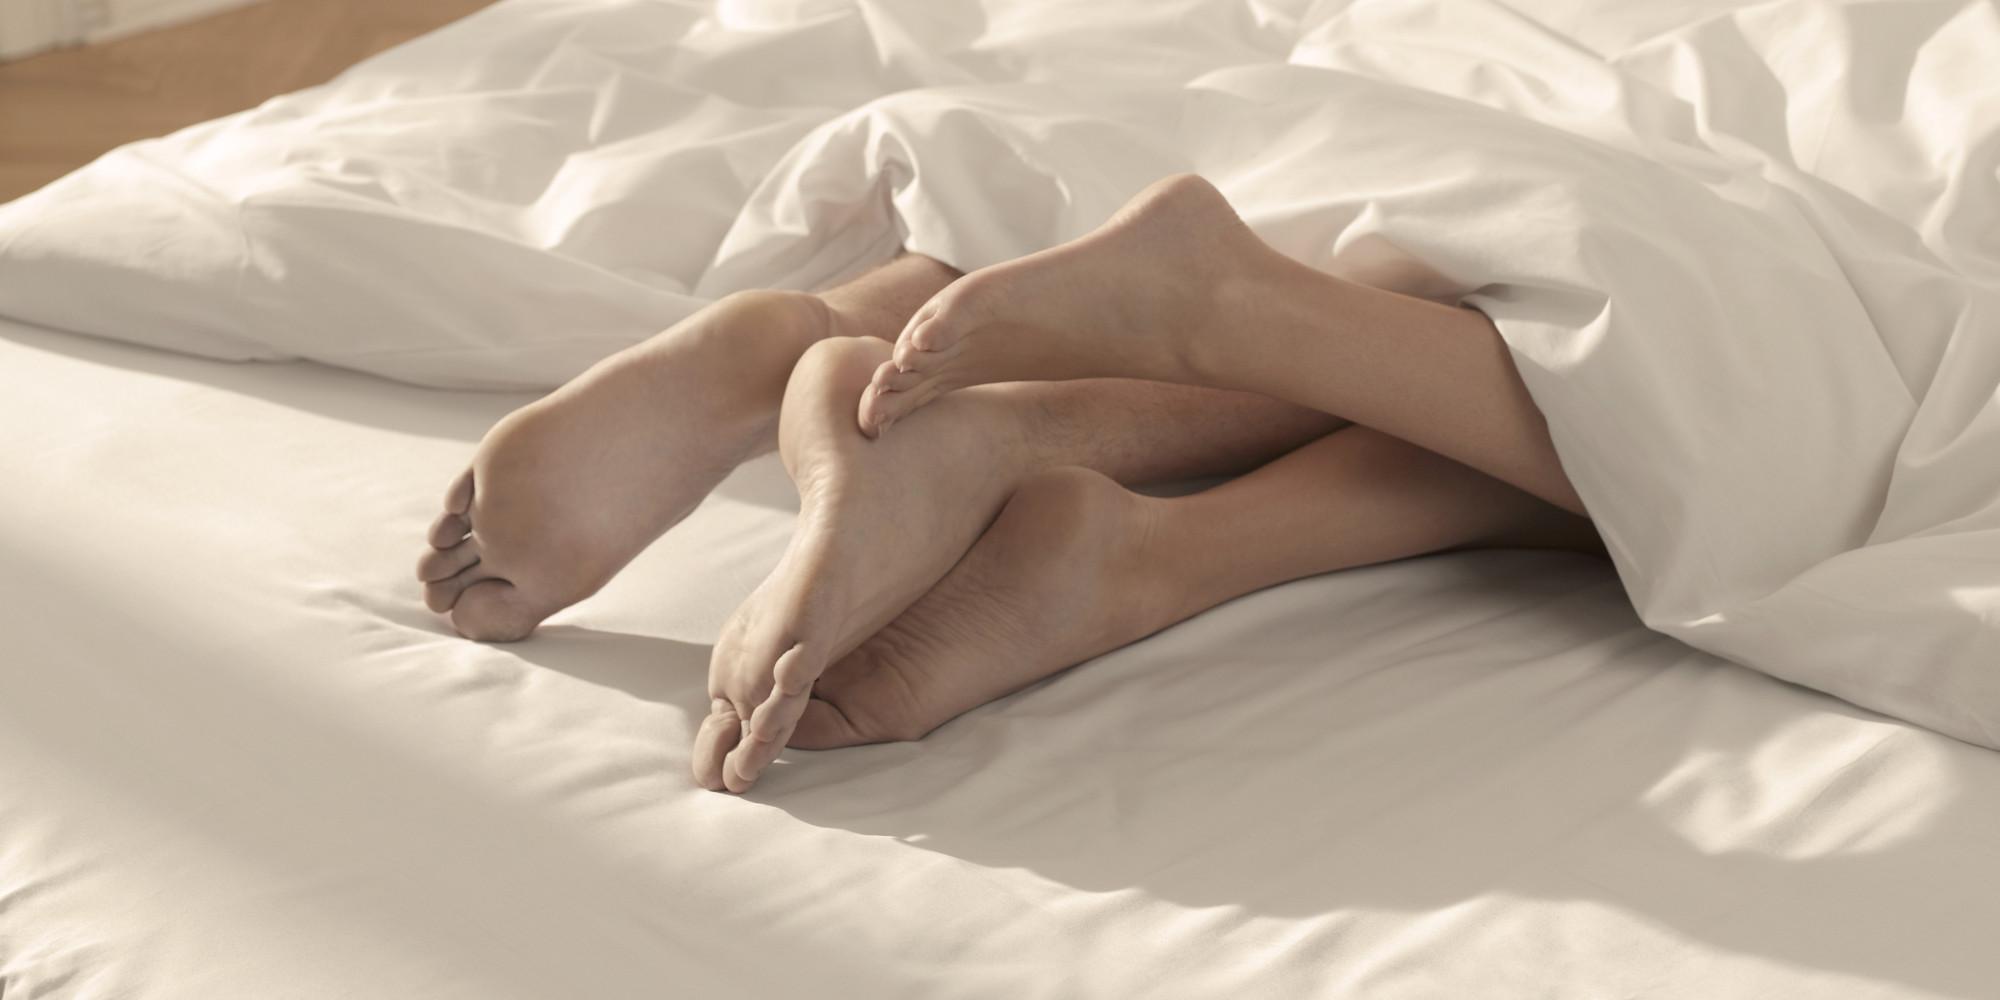 смотреть фотографии голых красивых женщин